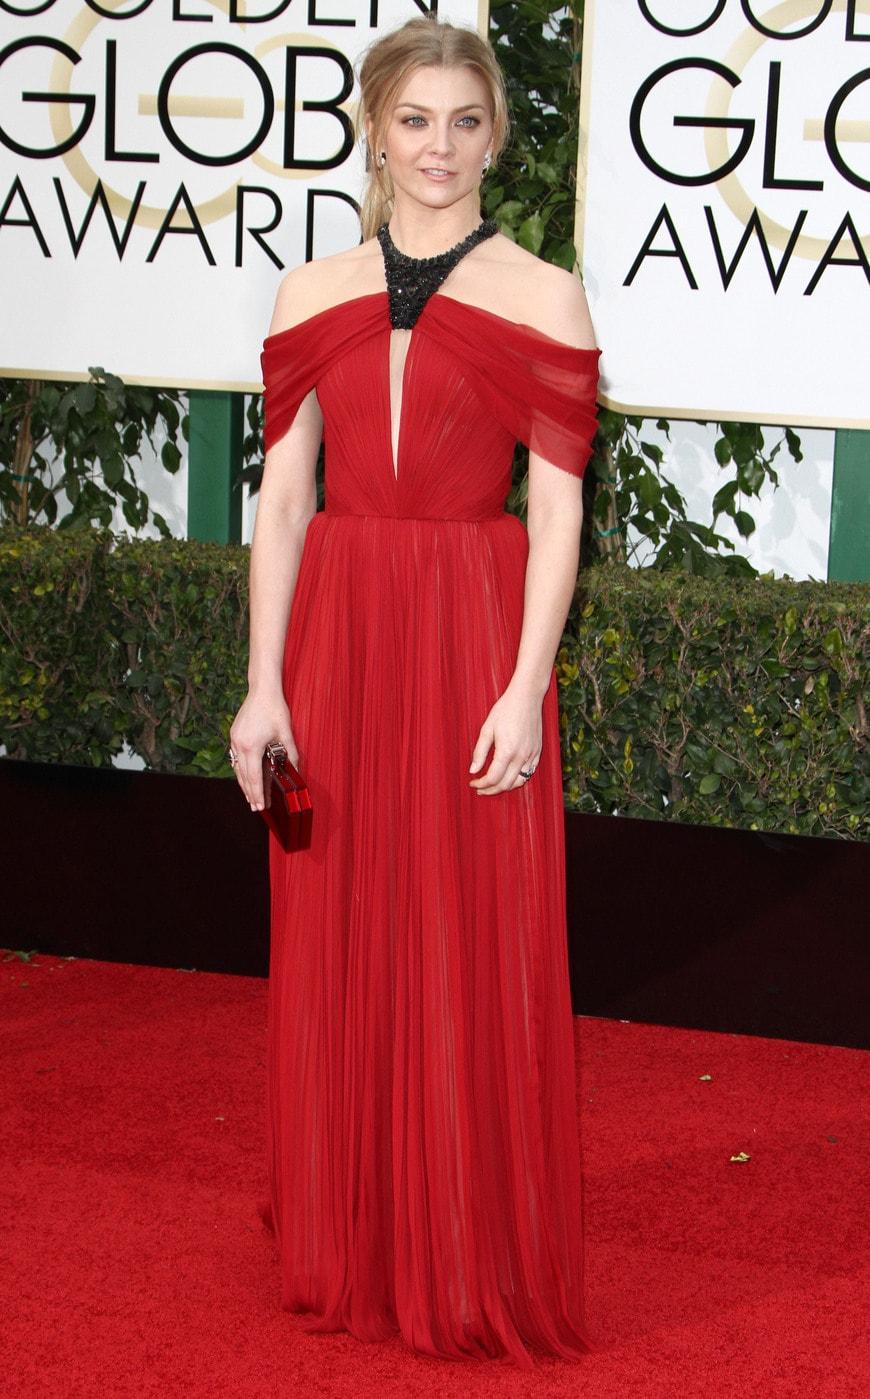 Natalie Dormer at the 2016 Golden Globes